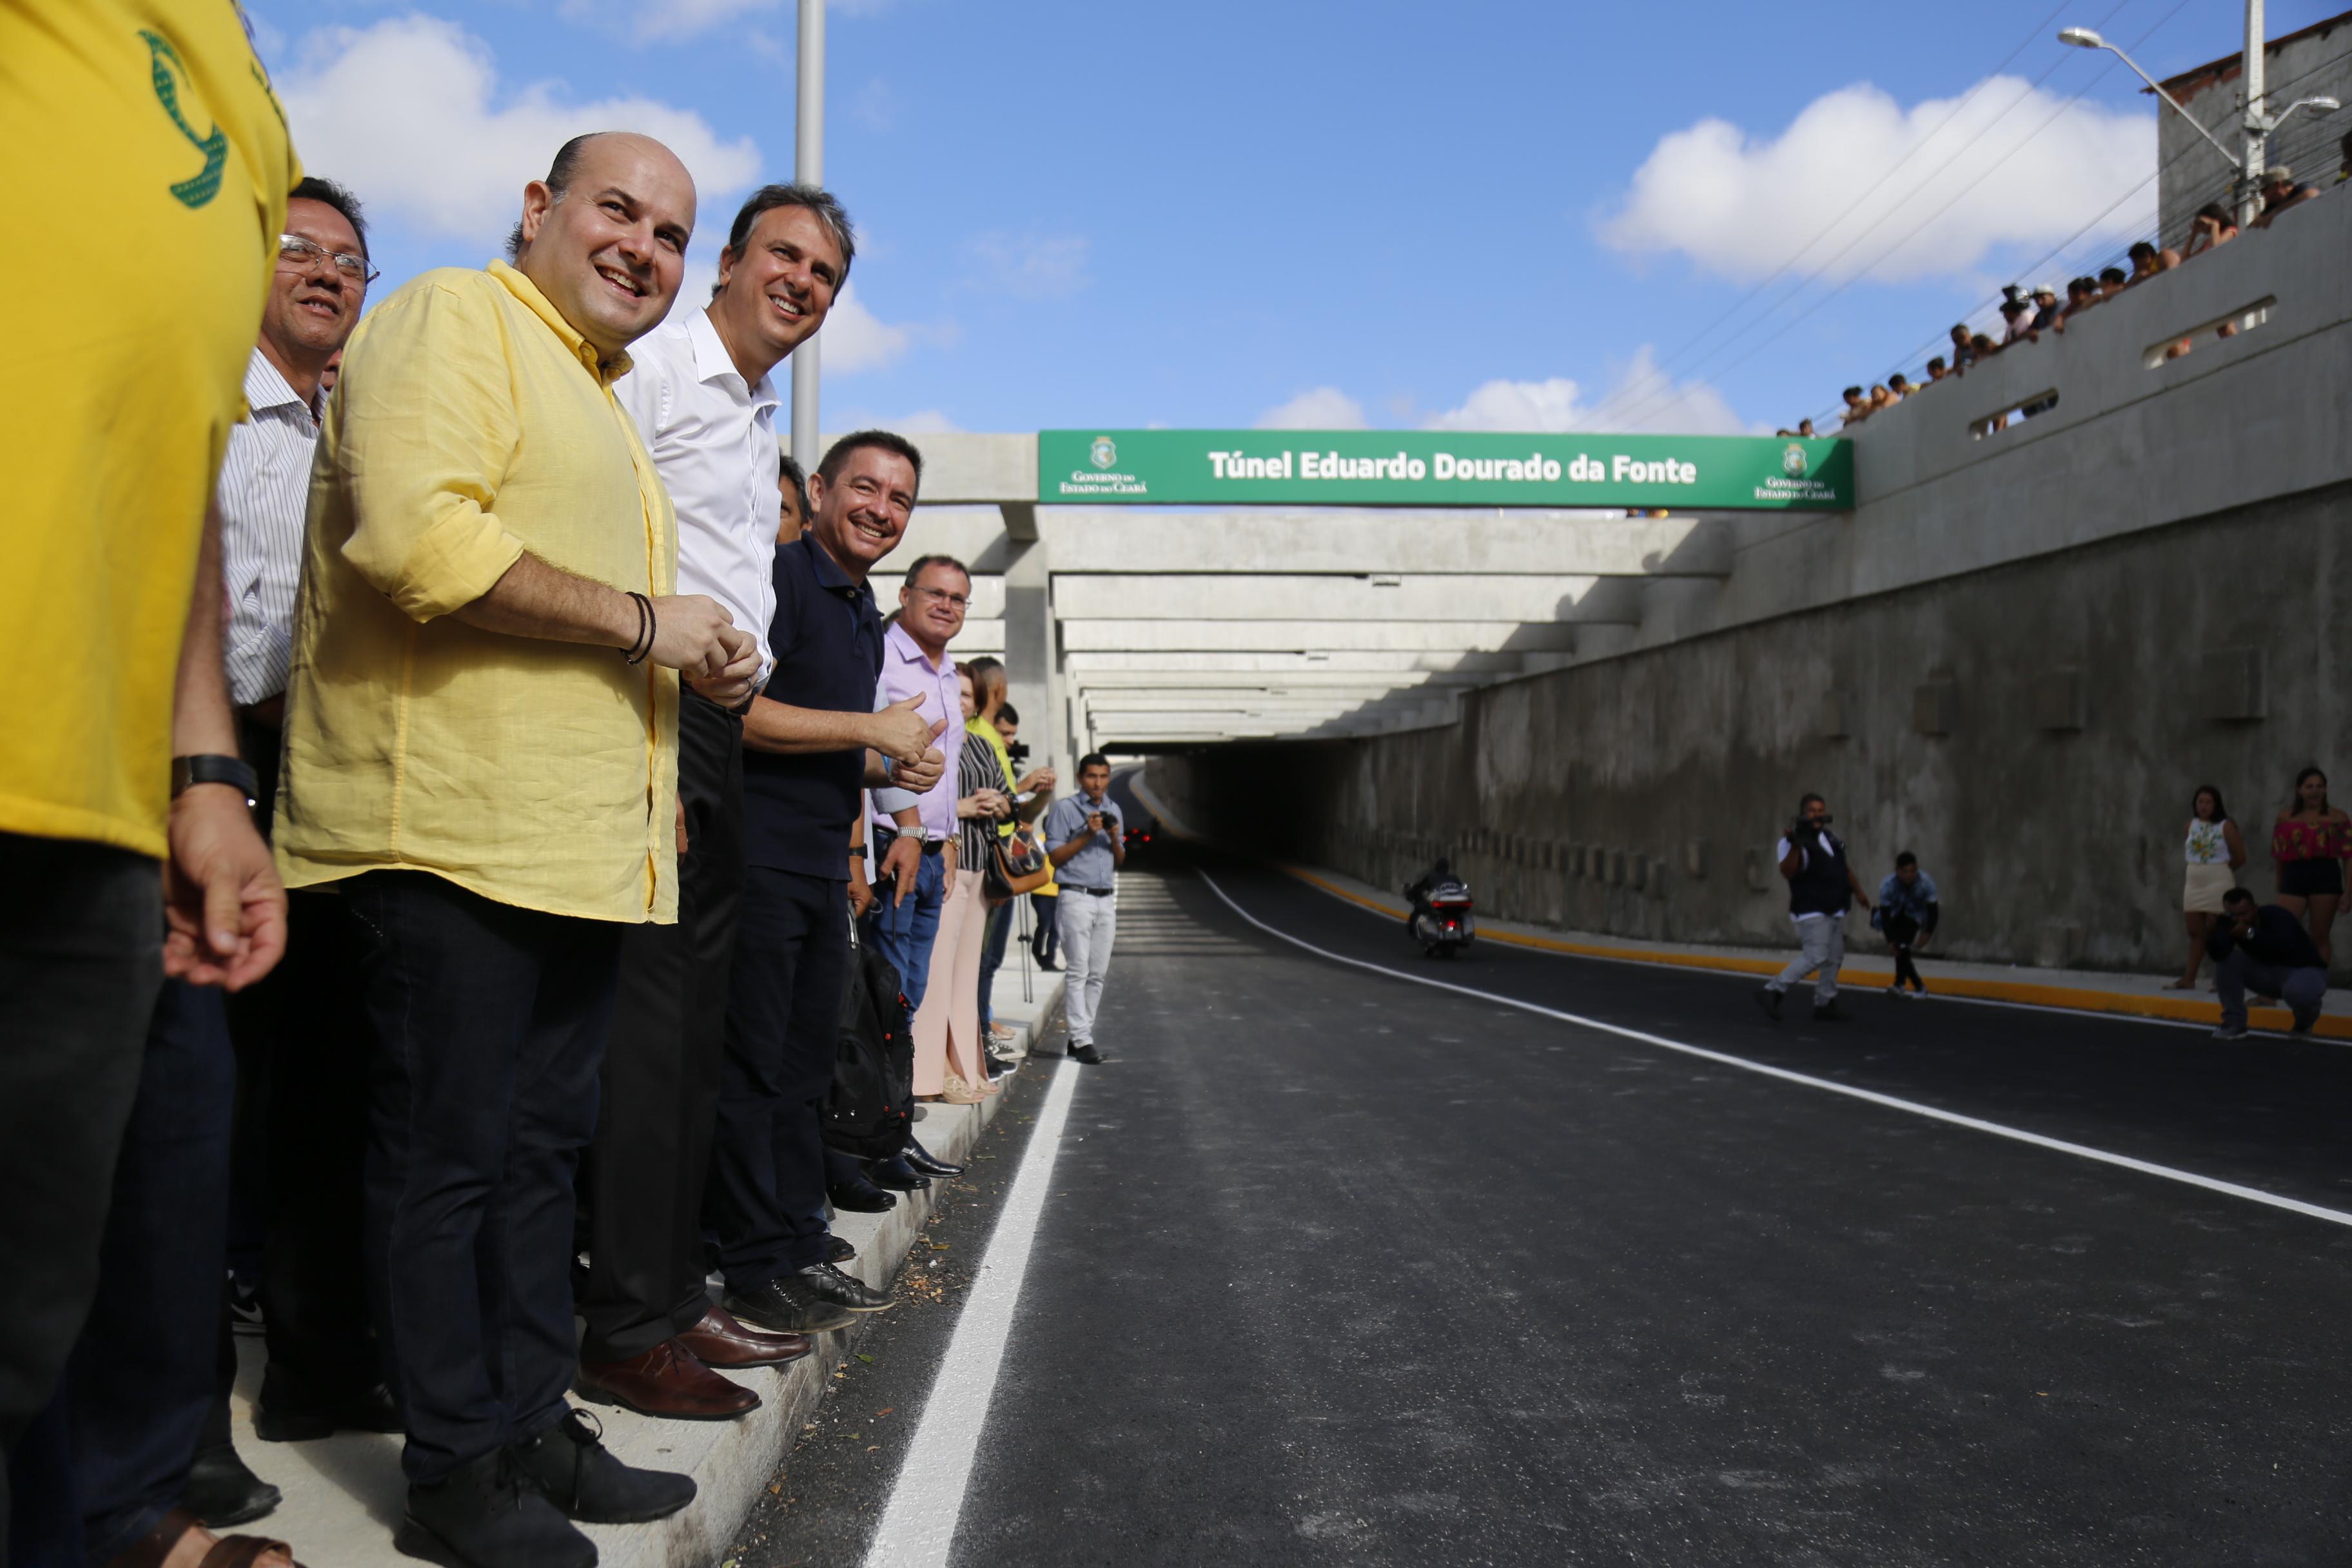 Camilo Santana, governador do Ceará, e Roberto Cláudio, prefeito de Fortaleza, na entrada do túnel da Avenida Borges de Melo